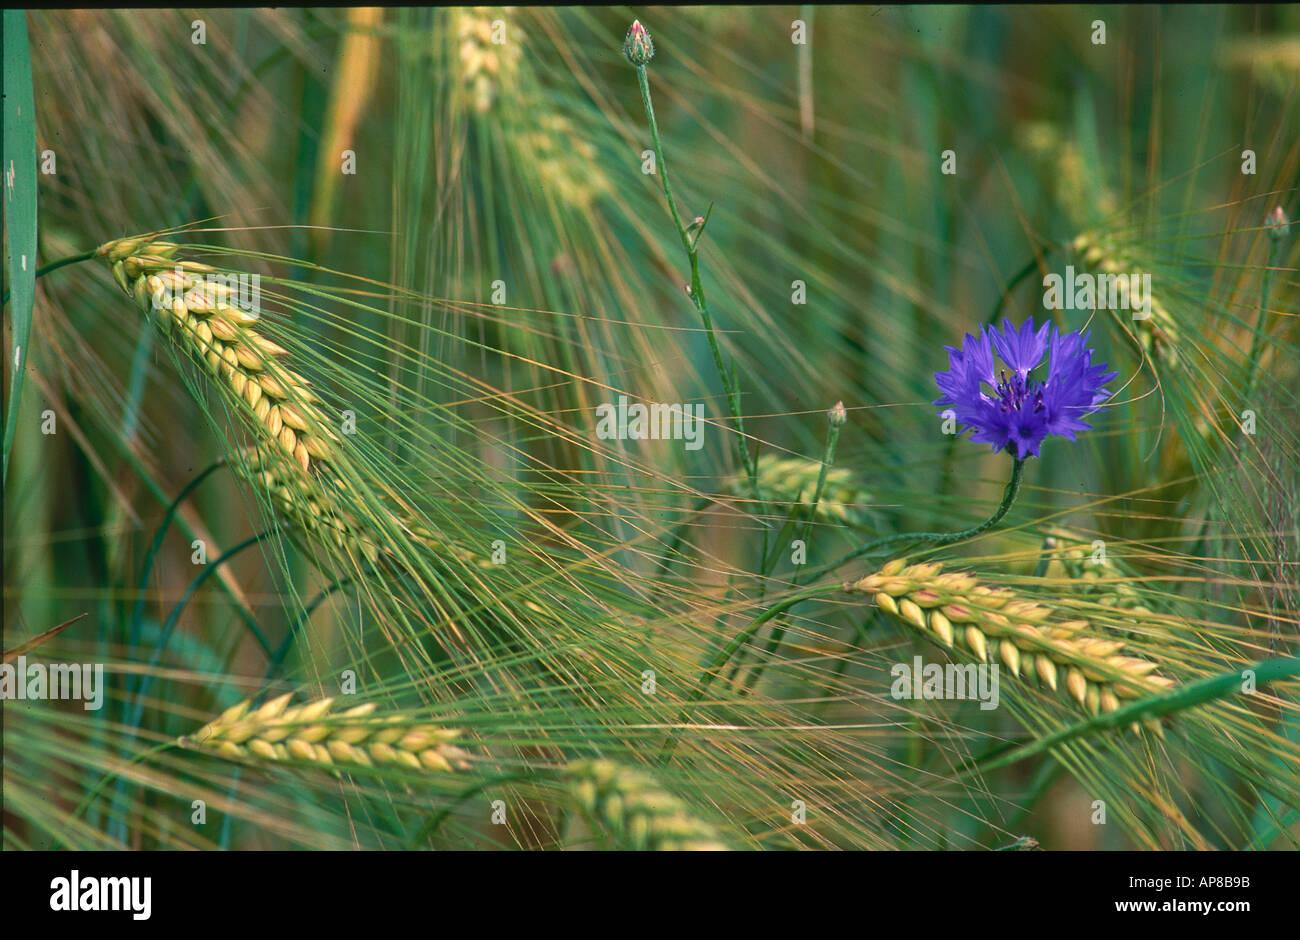 Cornflower blooming in barley field, Flaeming, Germany - Stock Image